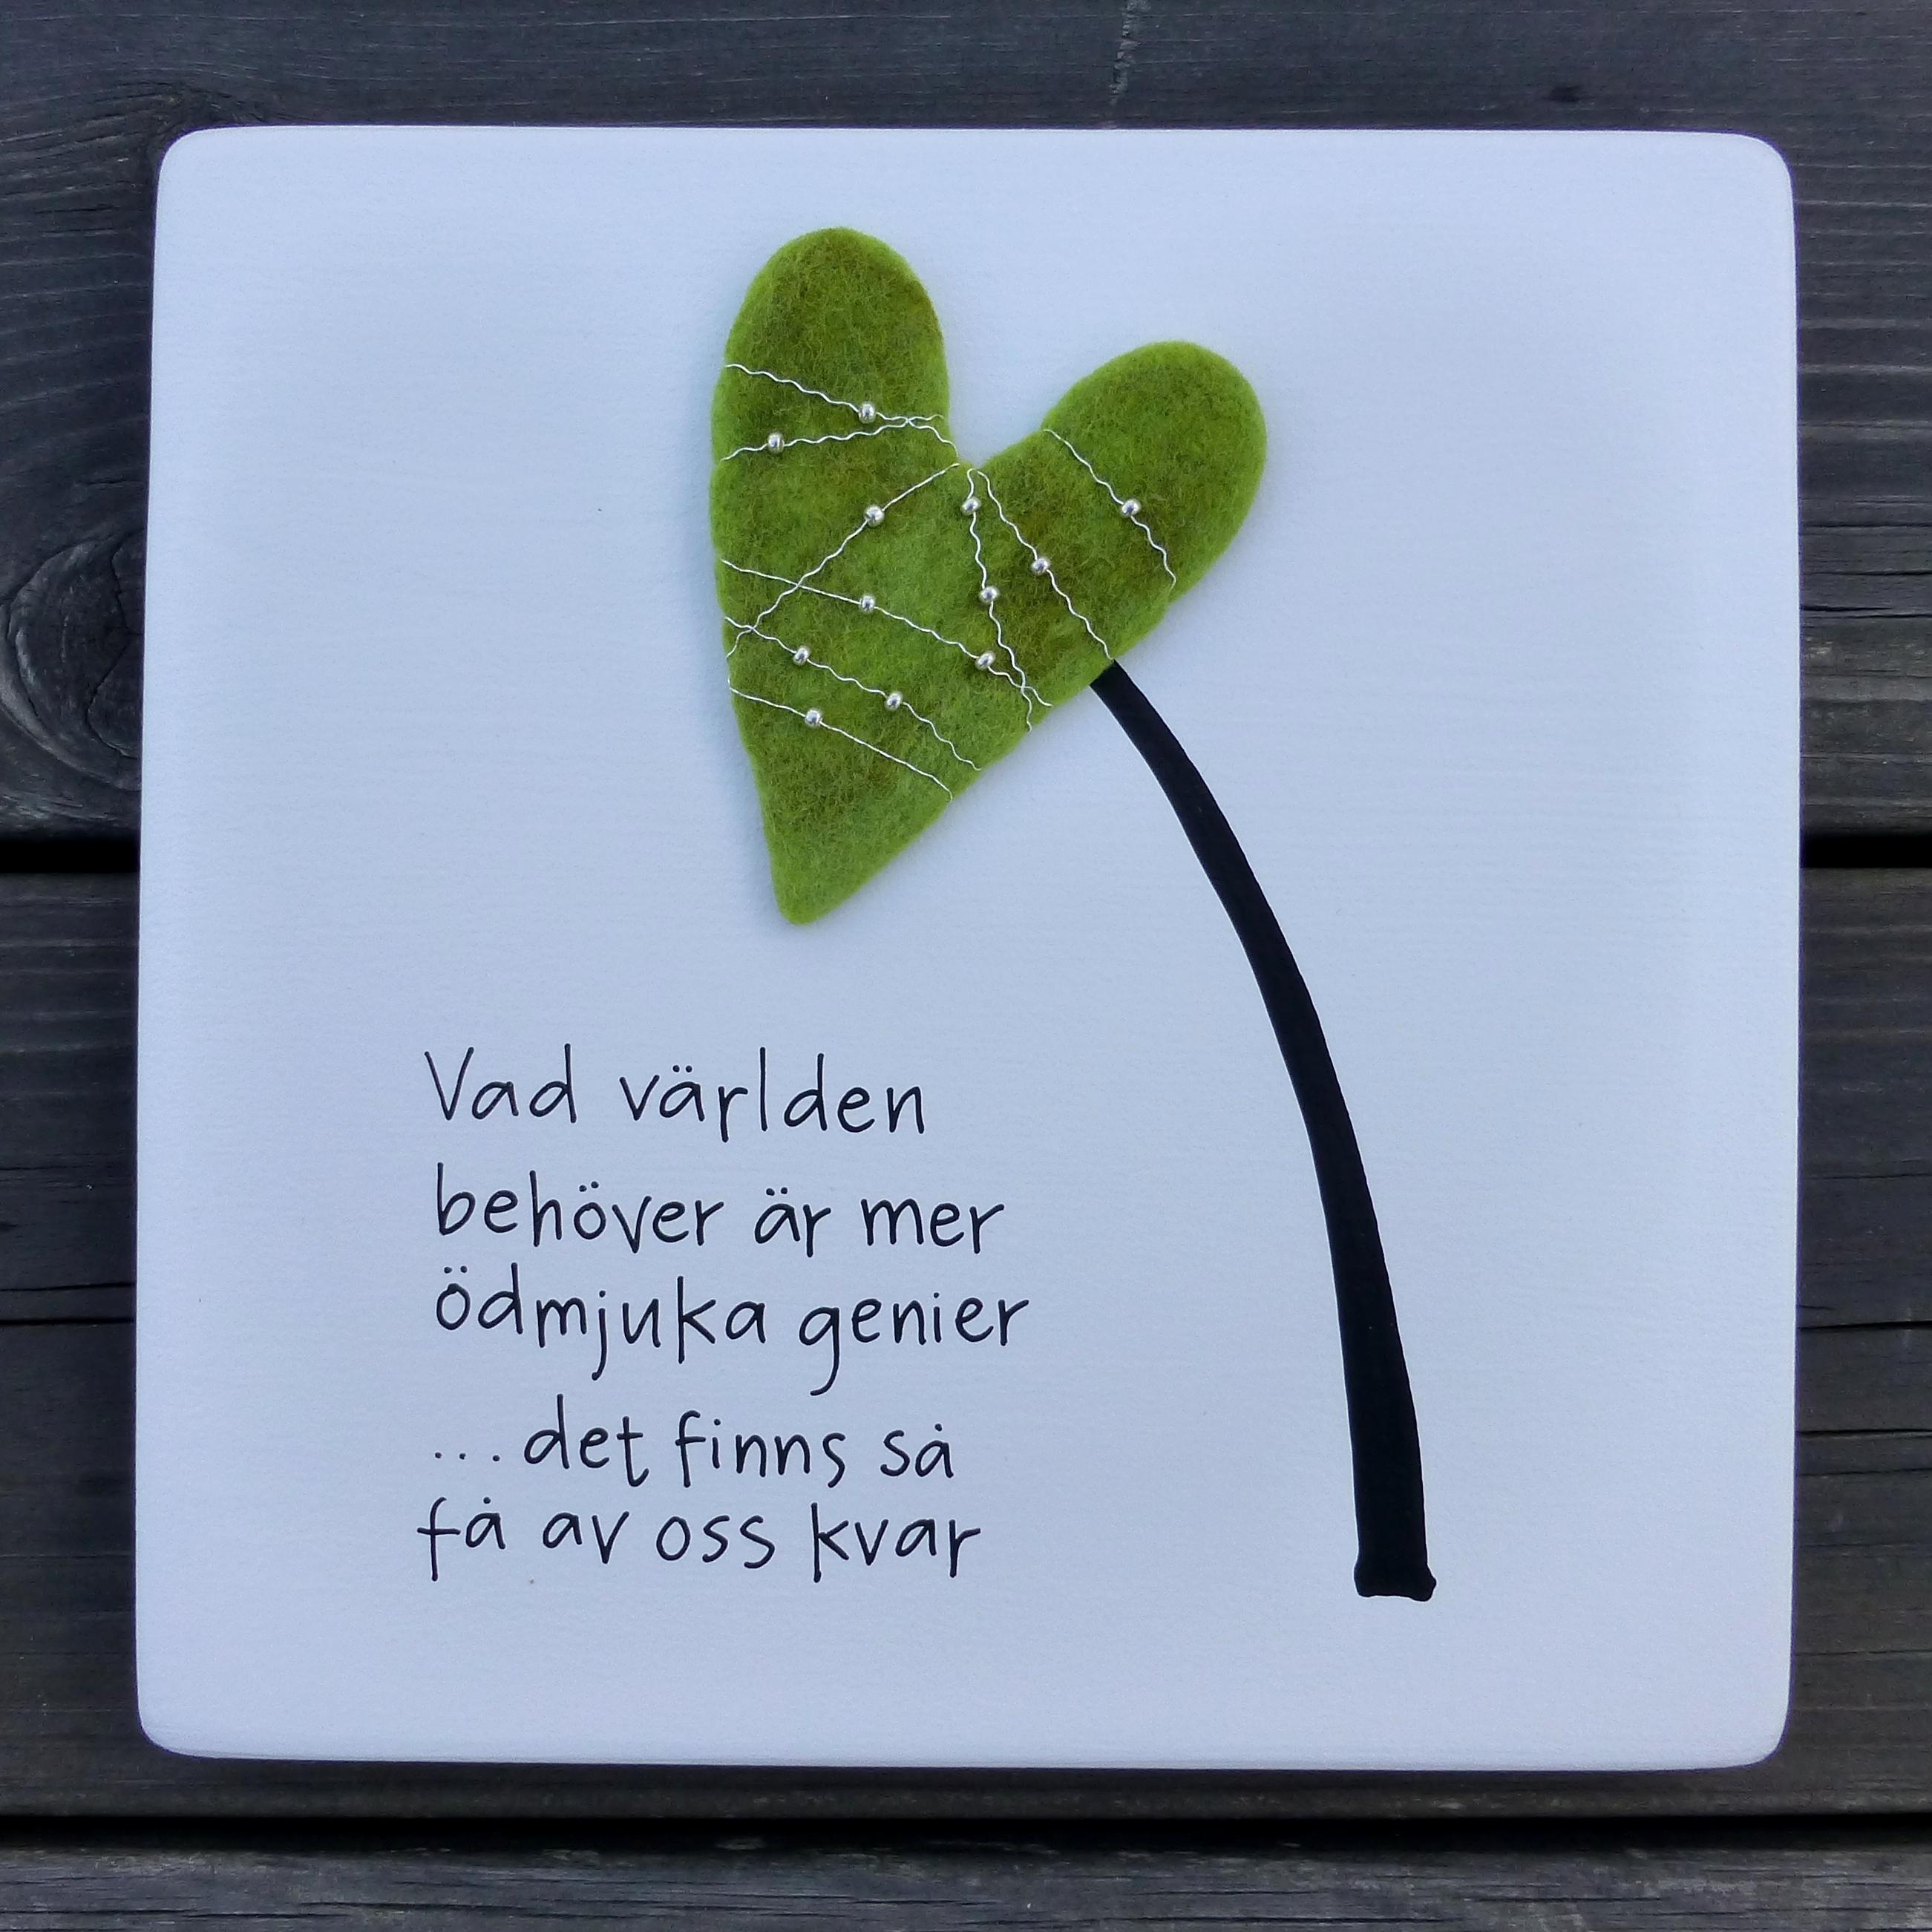 Tapeter Till Lantligt Kok : citat om k?k Vad v?rlden beh?ver ?r mer ...